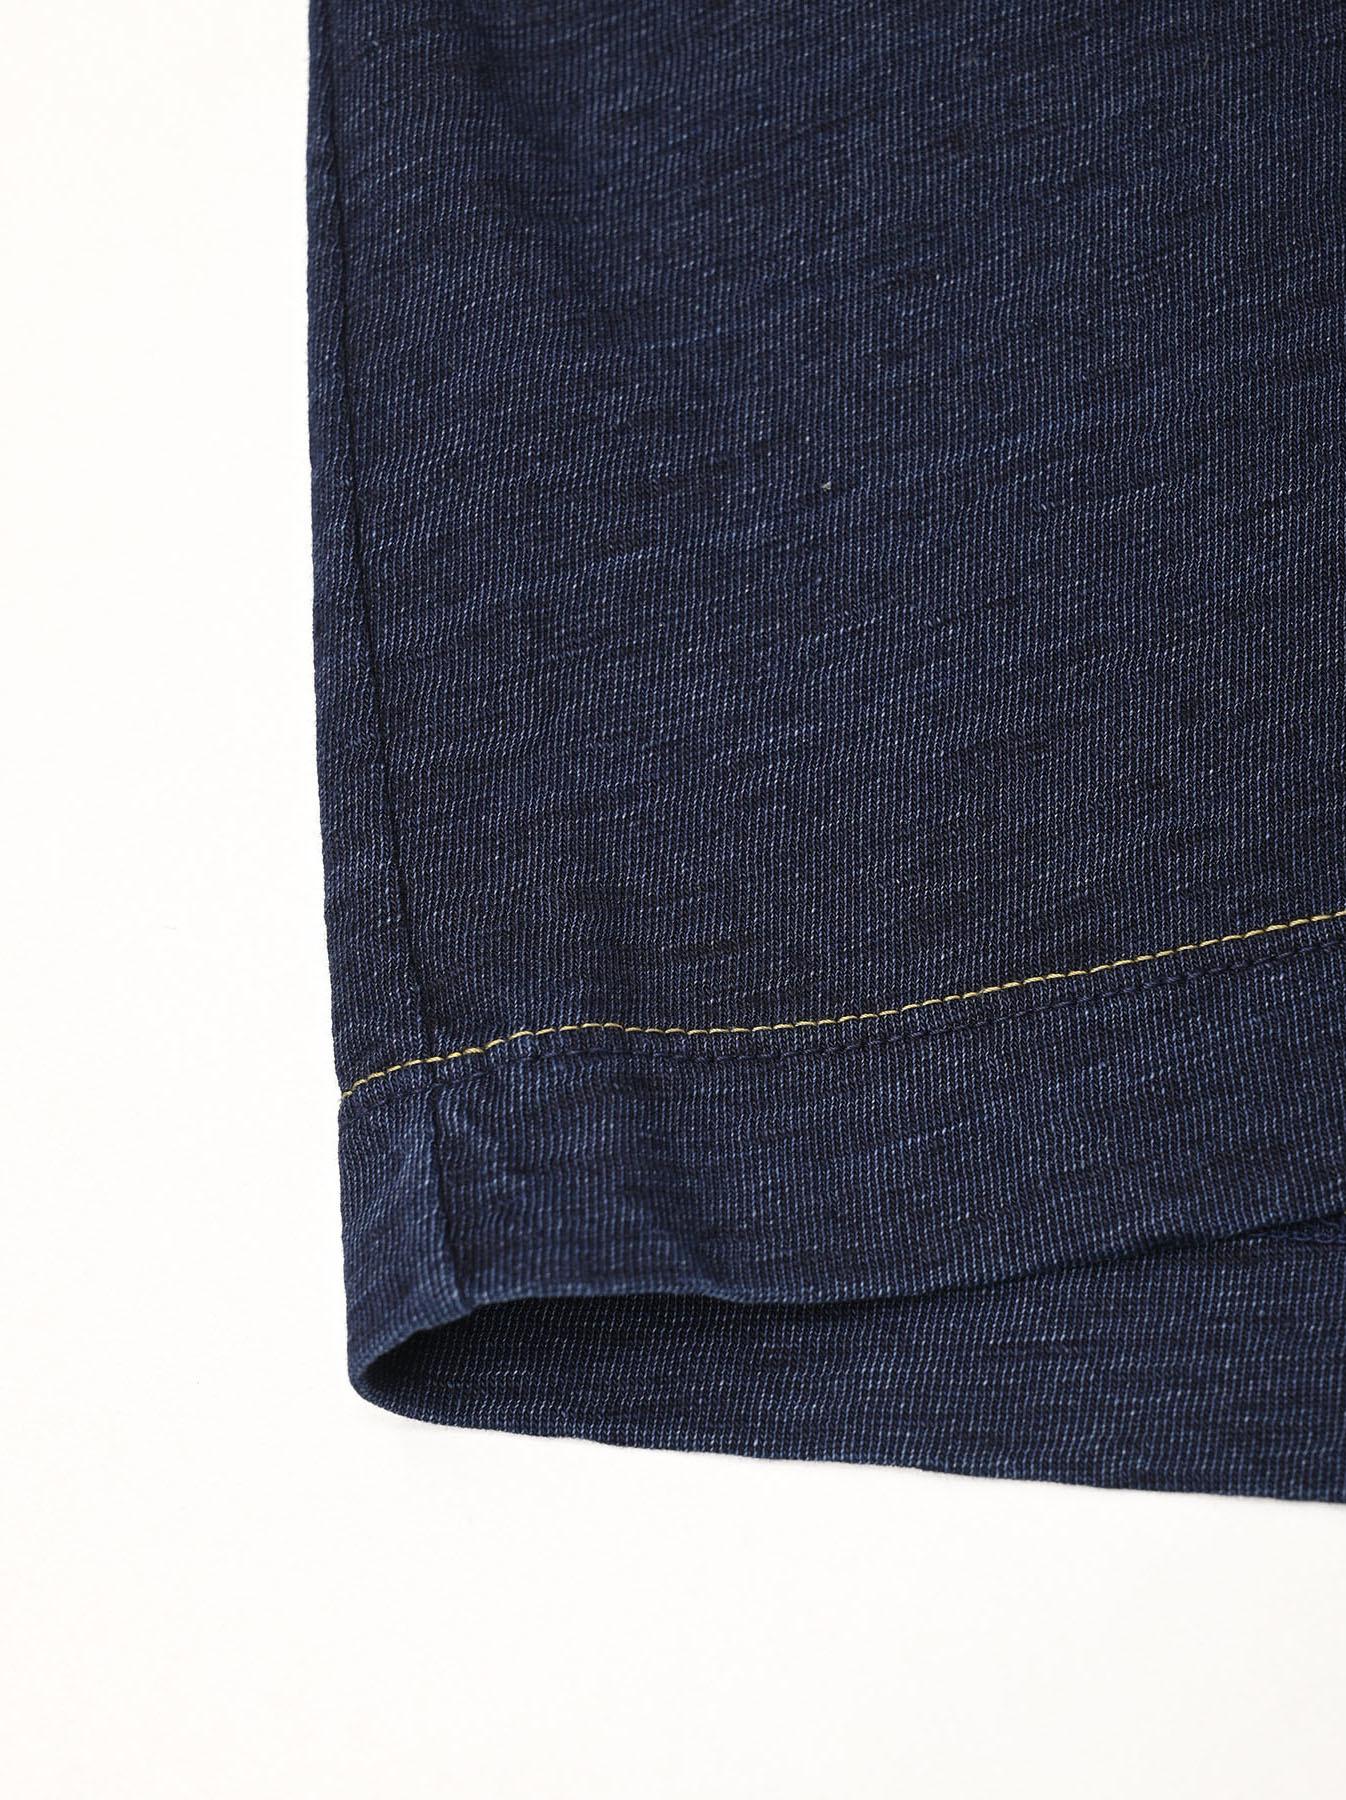 Indigo Zimbabwe Cotton Square T-shirt-10